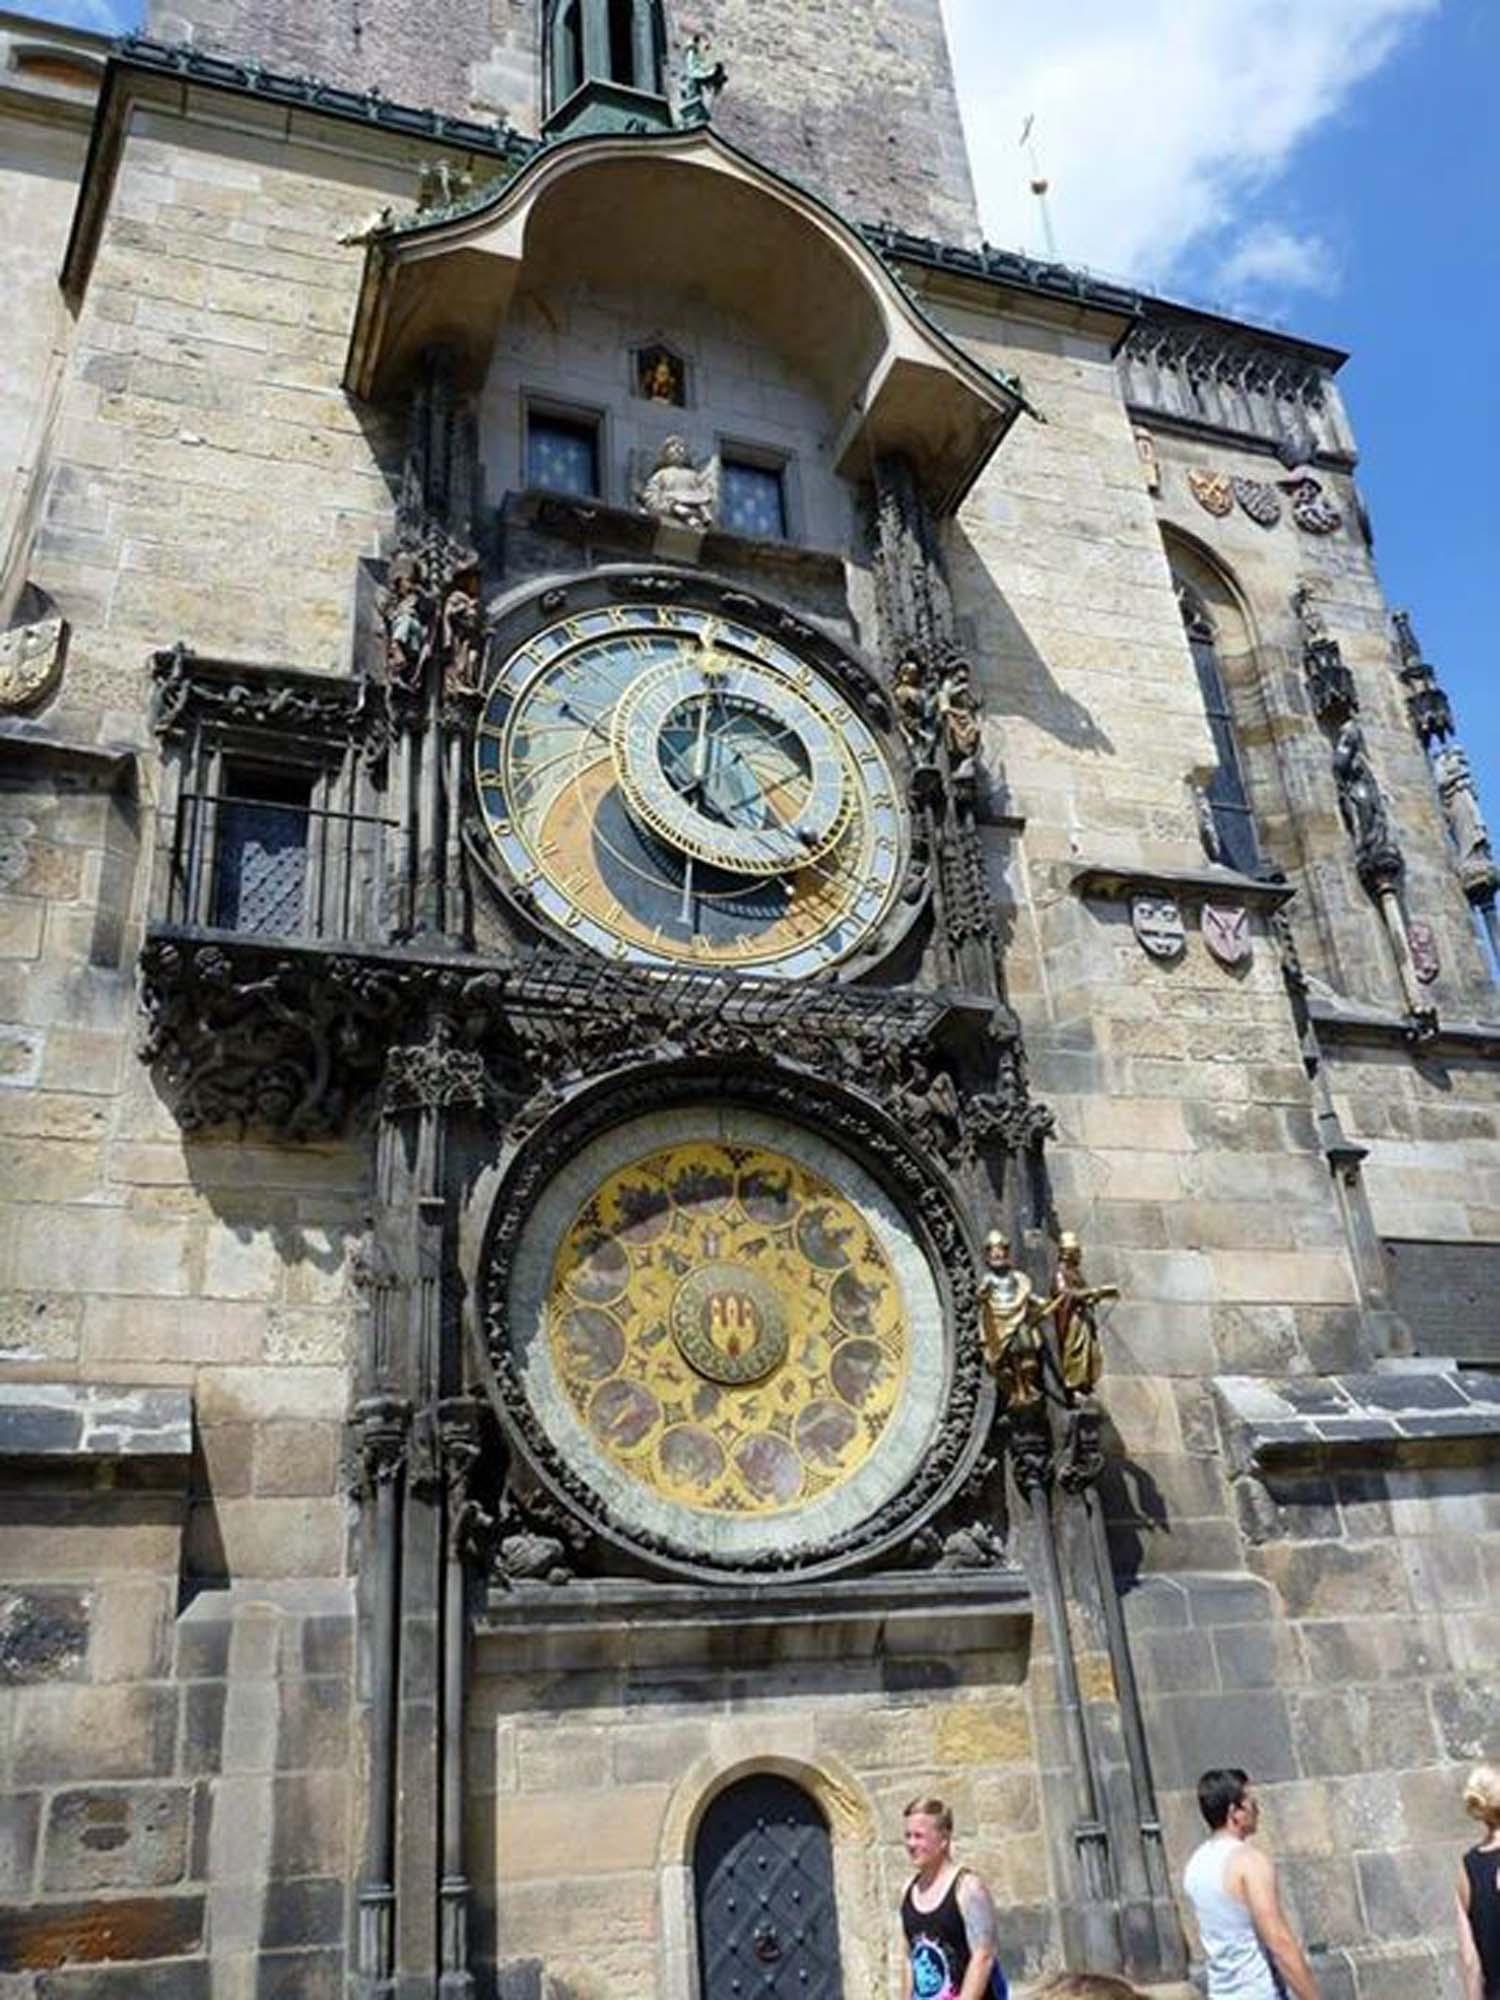 Die berühmte astronomische Uhr im Prager Zentrum